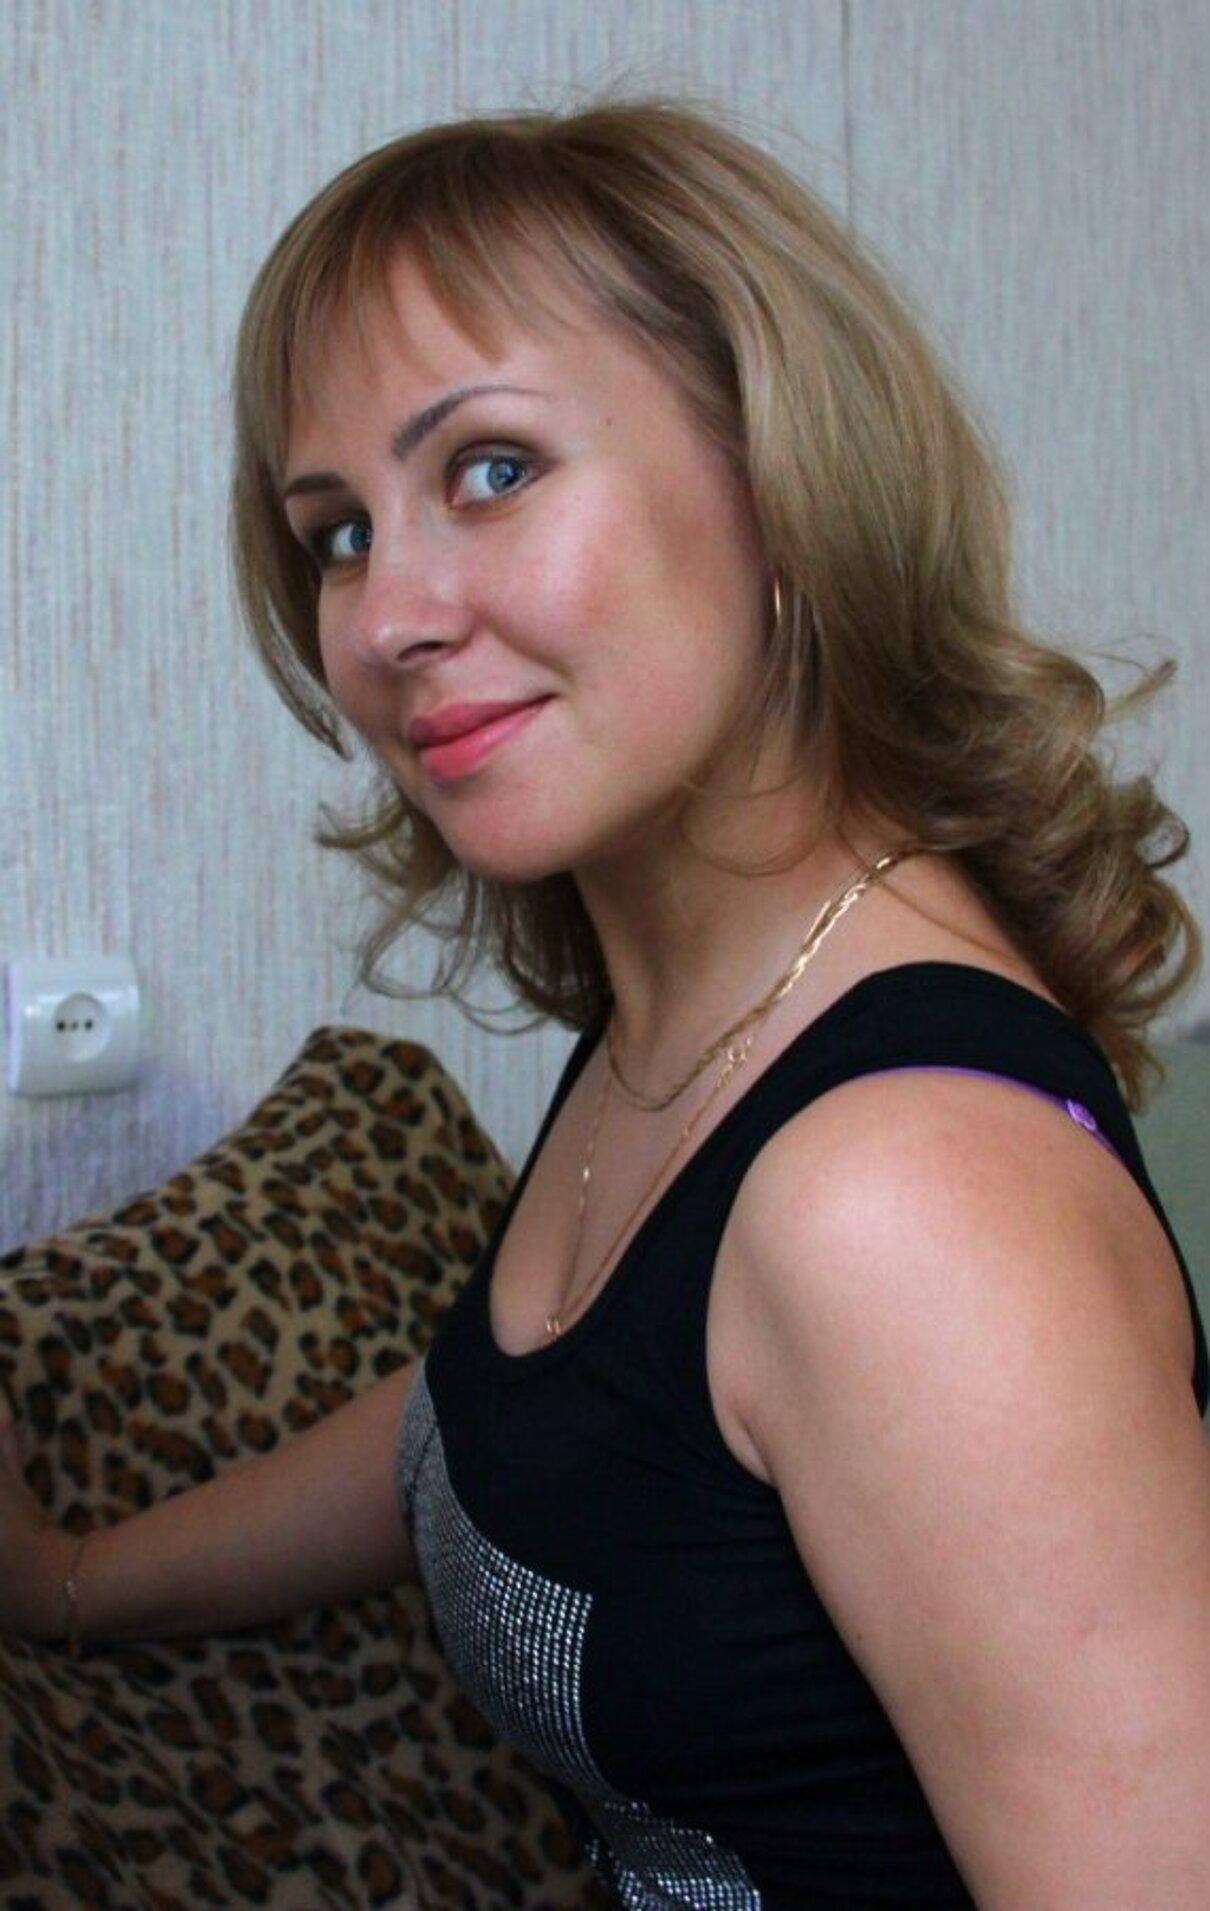 Жалоба-отзыв: Поташева Олеся Владимировна 21.06.1985г.рожд. г.Великий Новгород - Аферистка. Не возвращает долг.  Фото №3